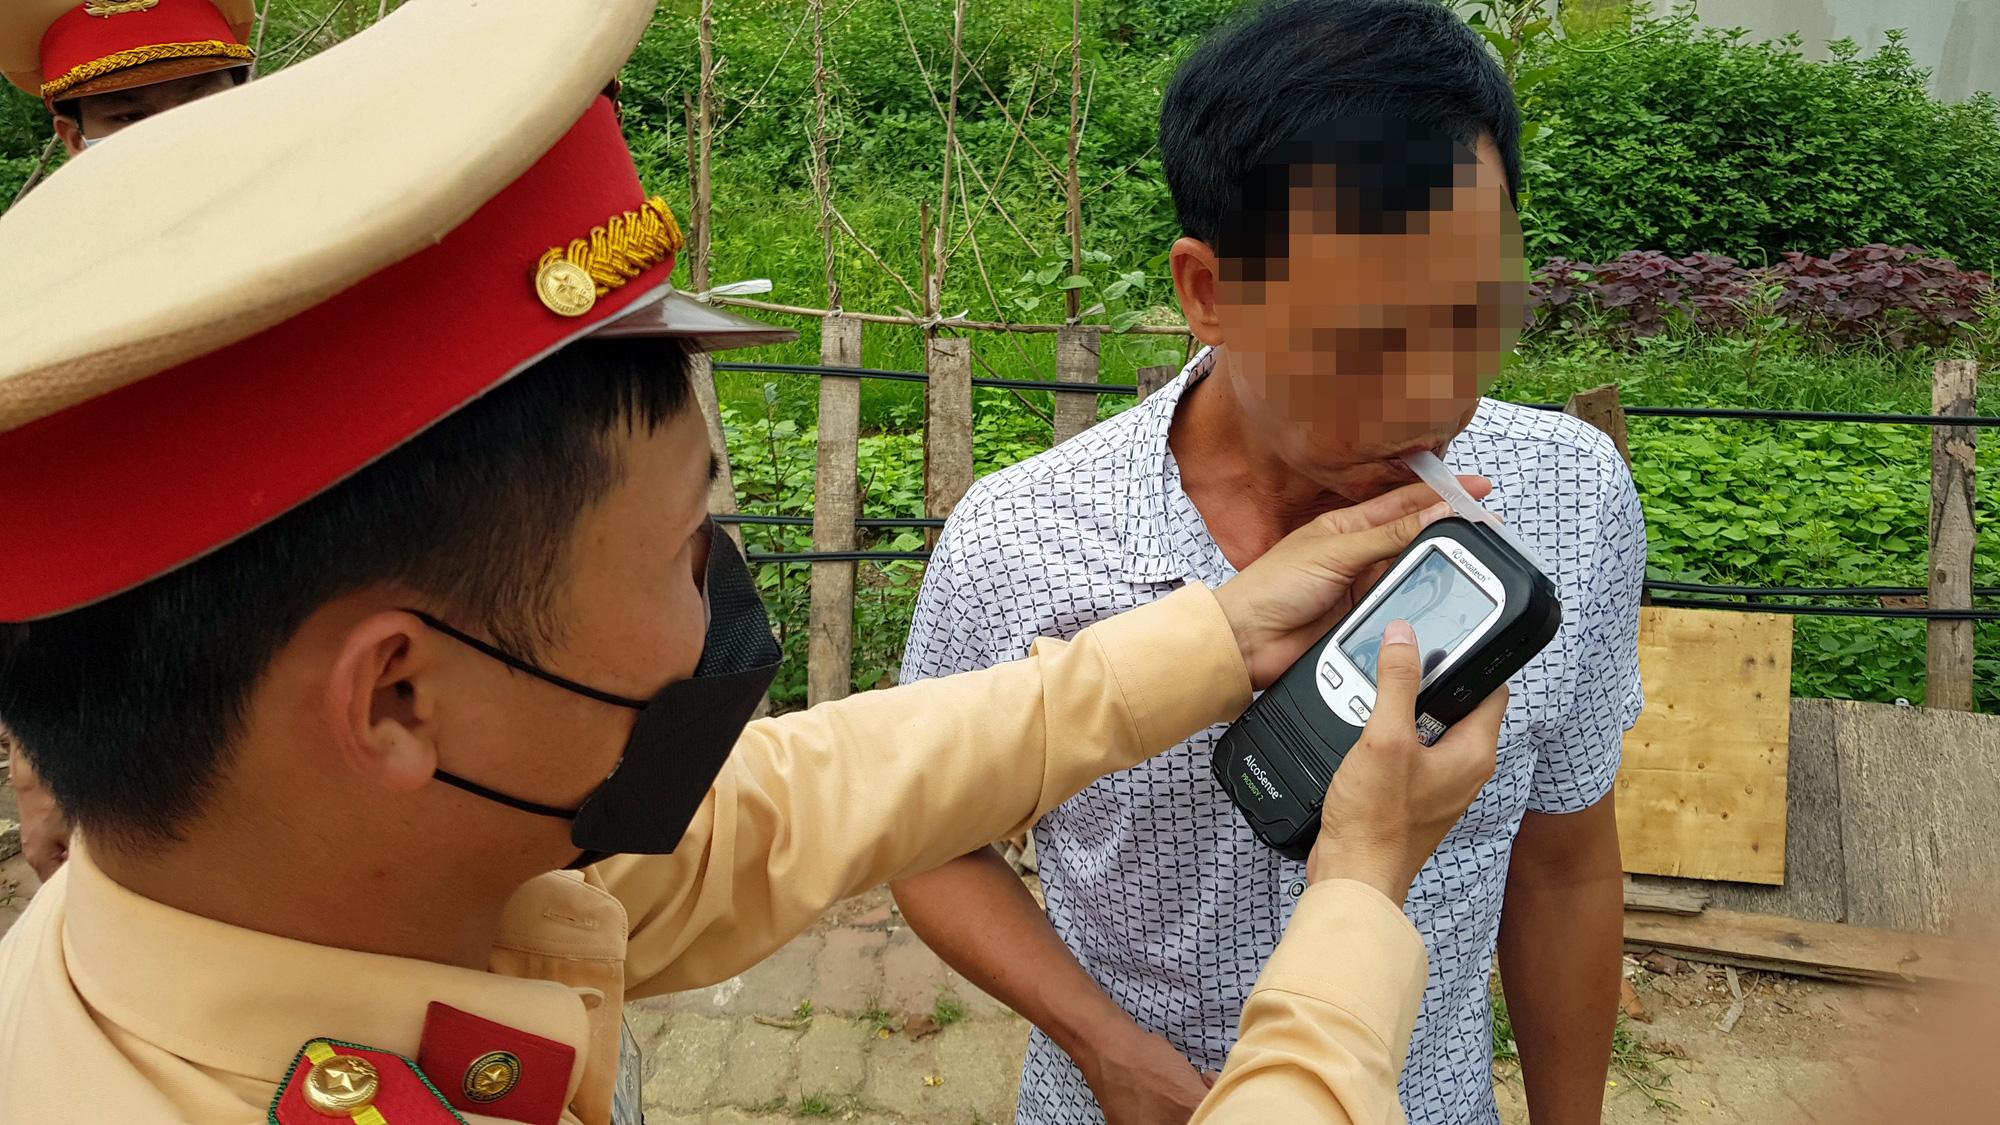 Hà Nội: Bị thu xe vì uống 1 lon bia rồi đi… đổ xăng - Ảnh 3.